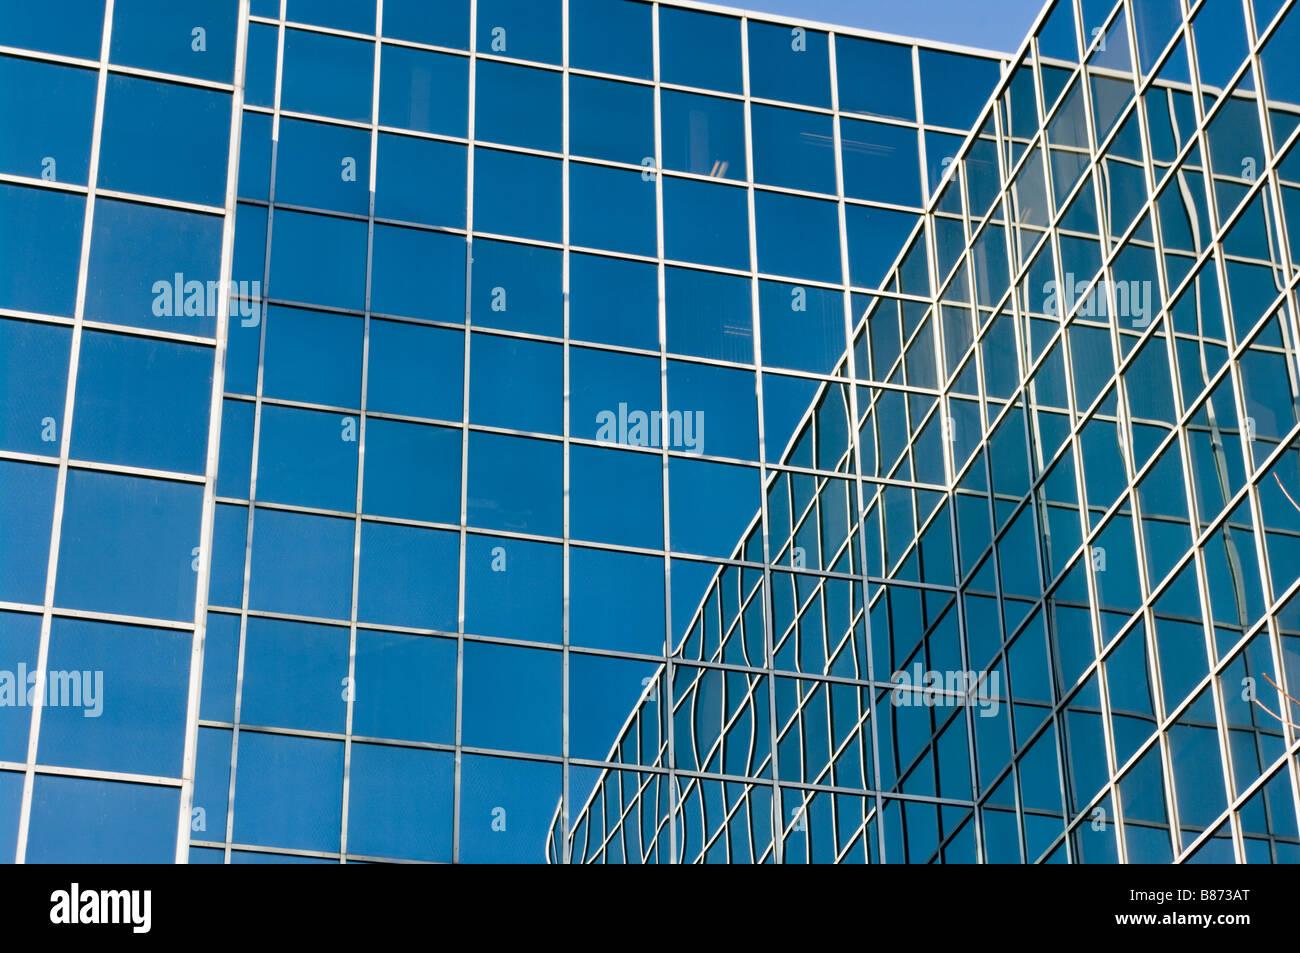 La façade de verre fenêtre Bloc de bureau bâtiment bureaux Tour Windows Photo Stock